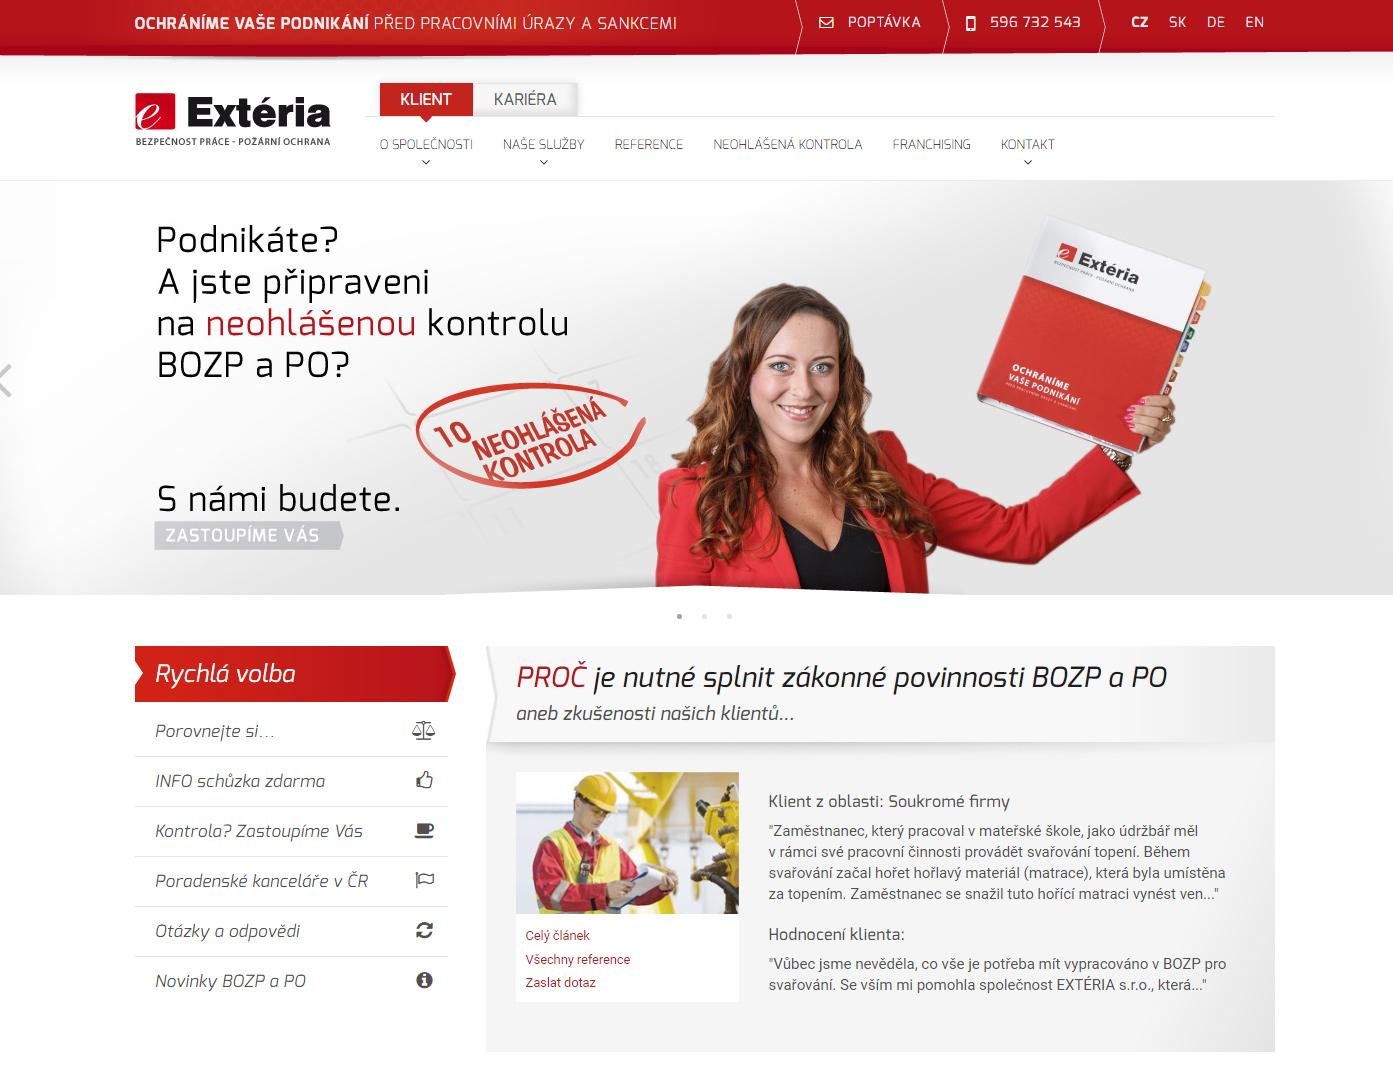 Webová prezentace EXTÉRIA